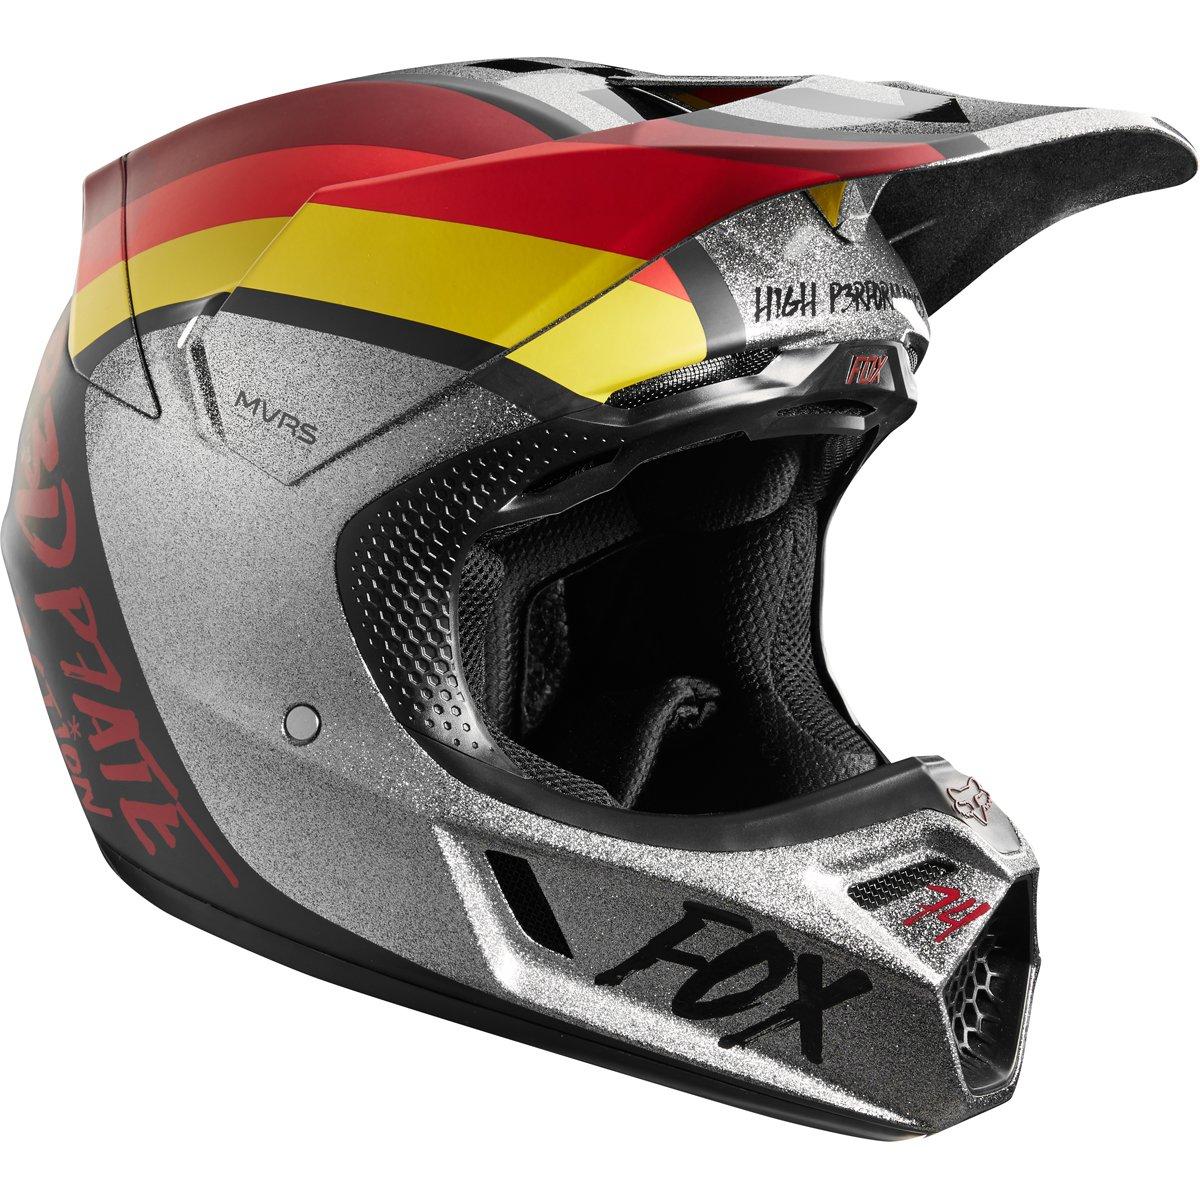 Fox Racing 2018 V3 RODKA Limited Edition Offroad Motocross Helmet Light Gray-Medium